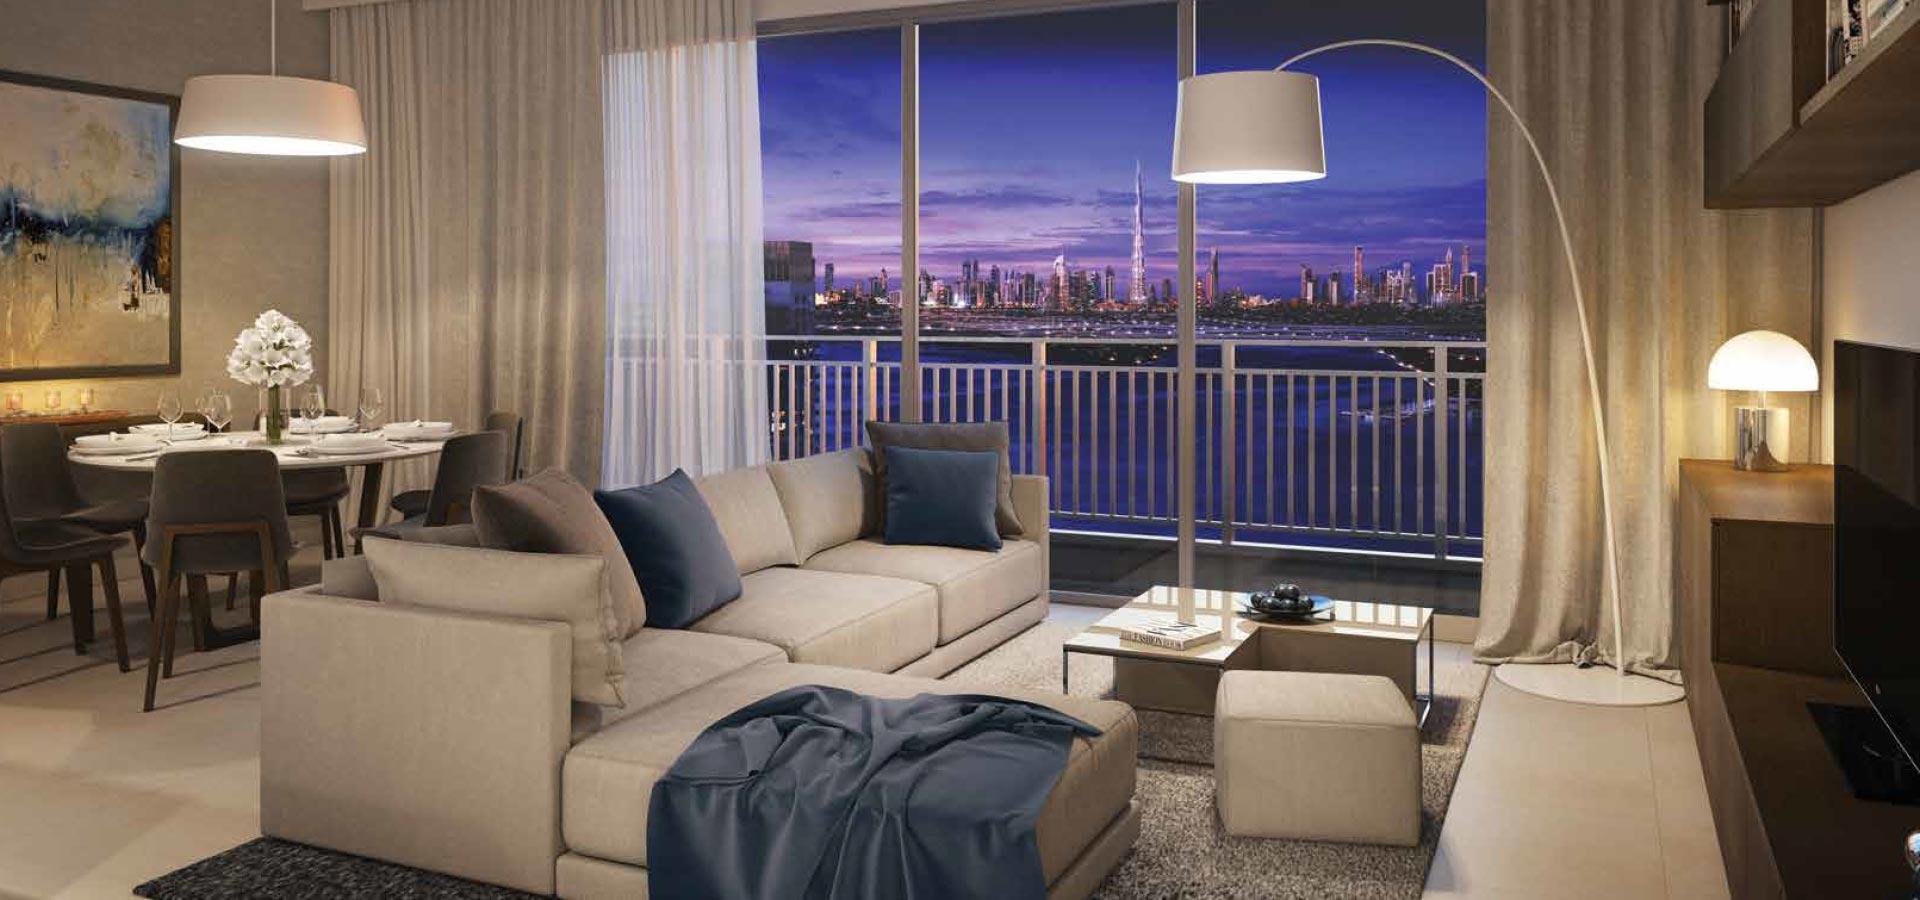 luxury-4-bedroom-duplex-penthouse-in-harbour-views